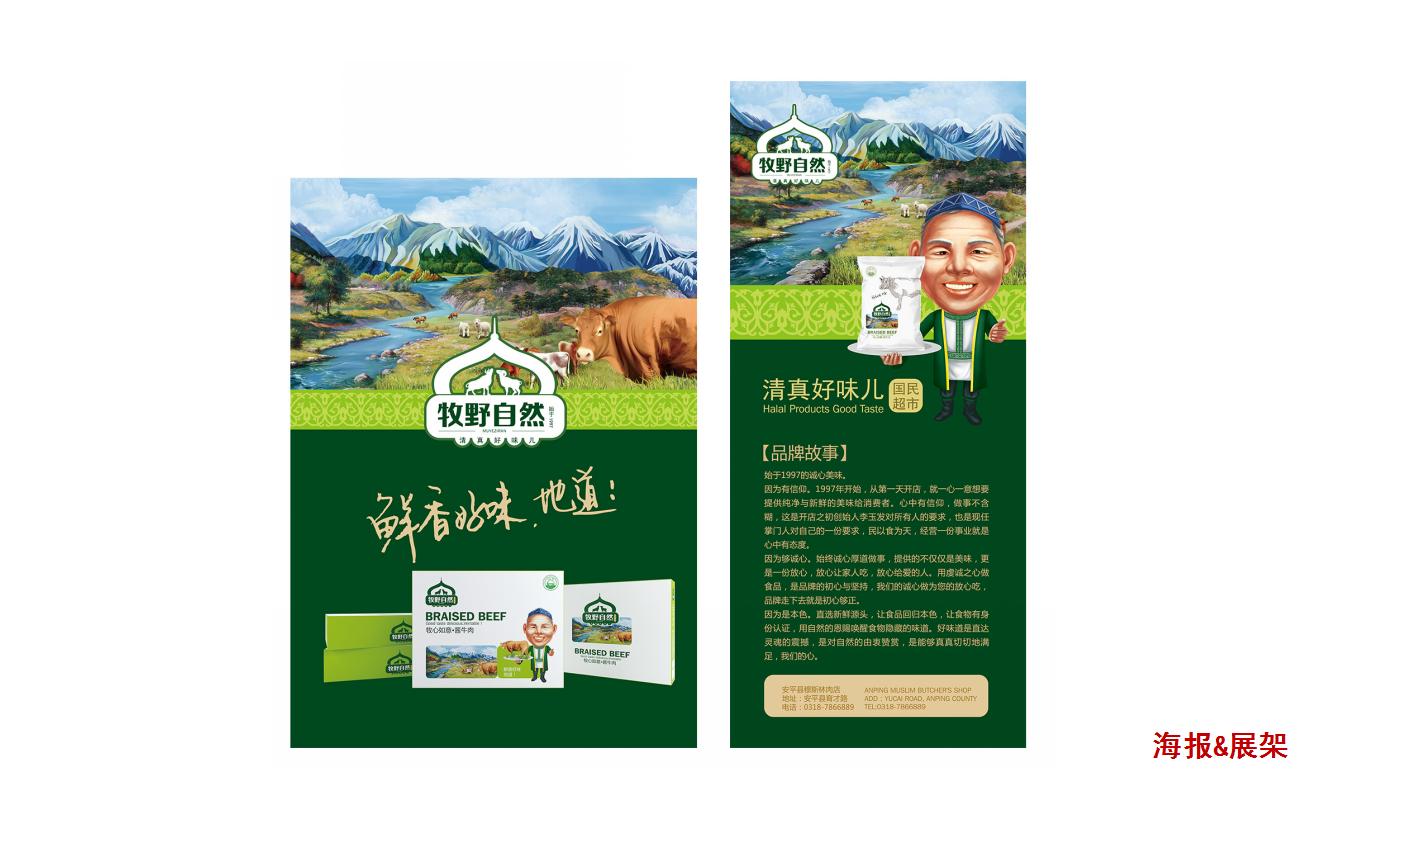 牧野自然清真牛羊肉—徐桂亮品牌设计